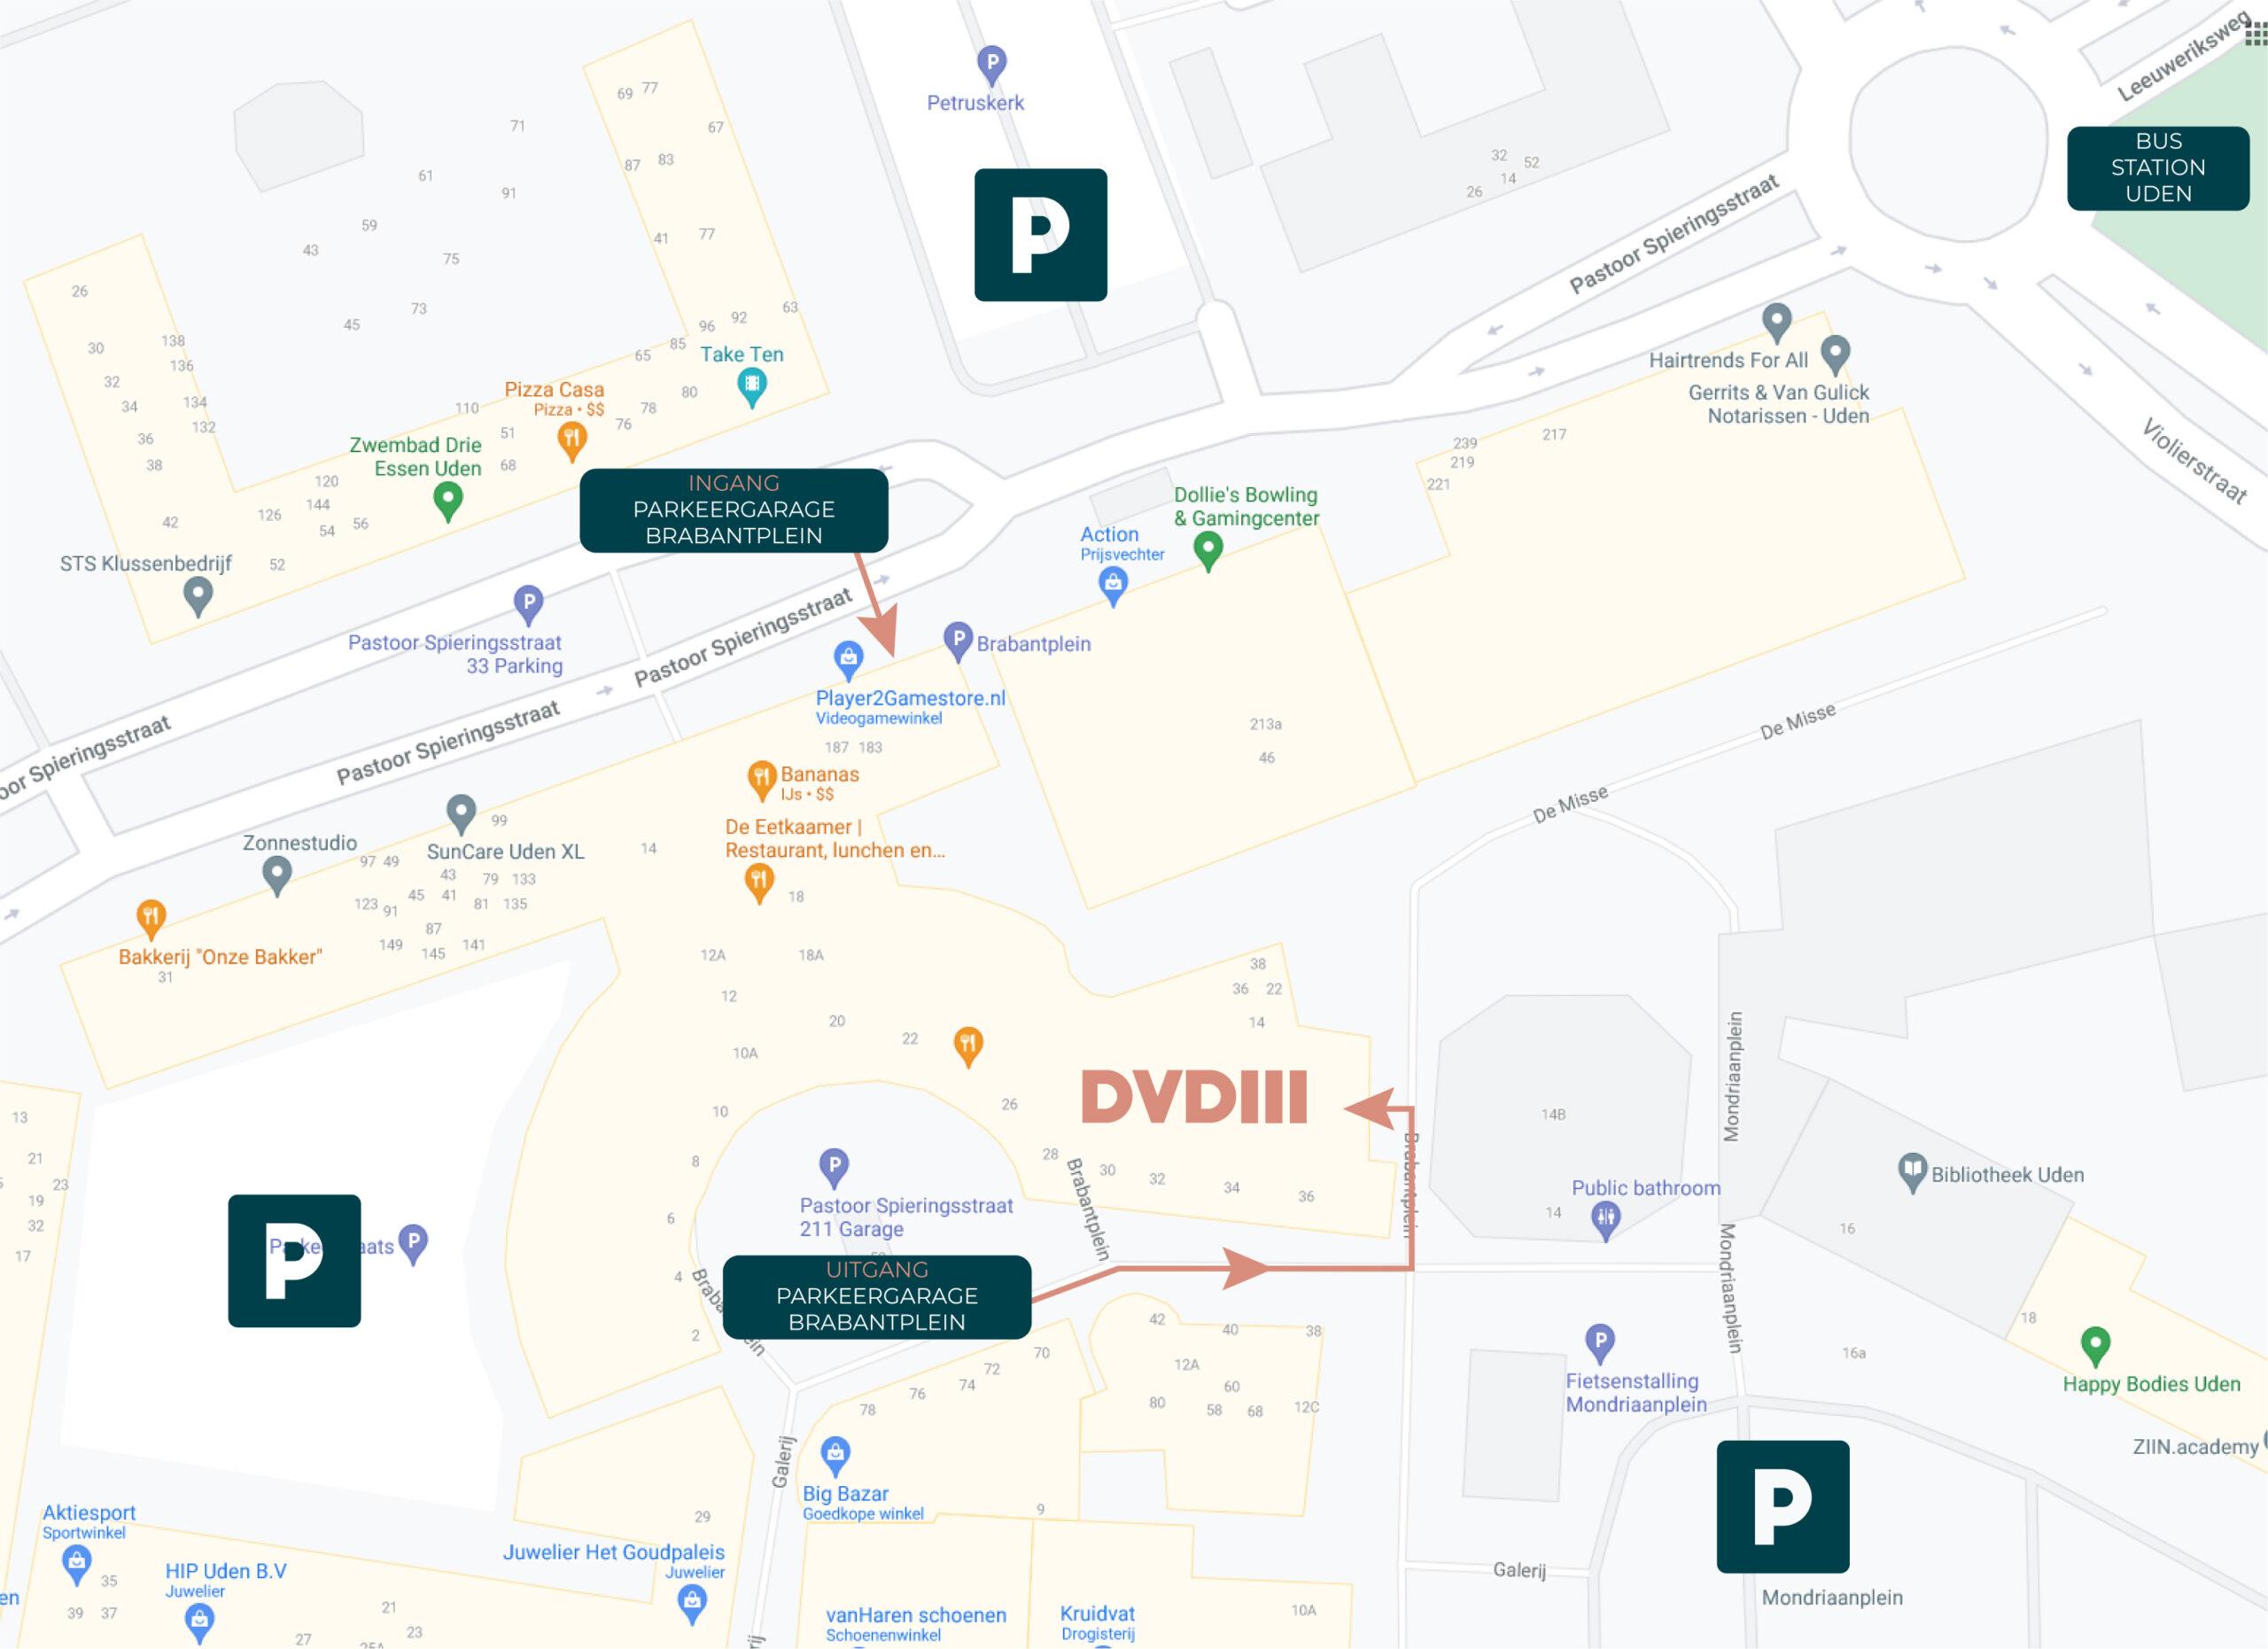 Parkeergelegenheid kantorencomplex DVDIII Uden